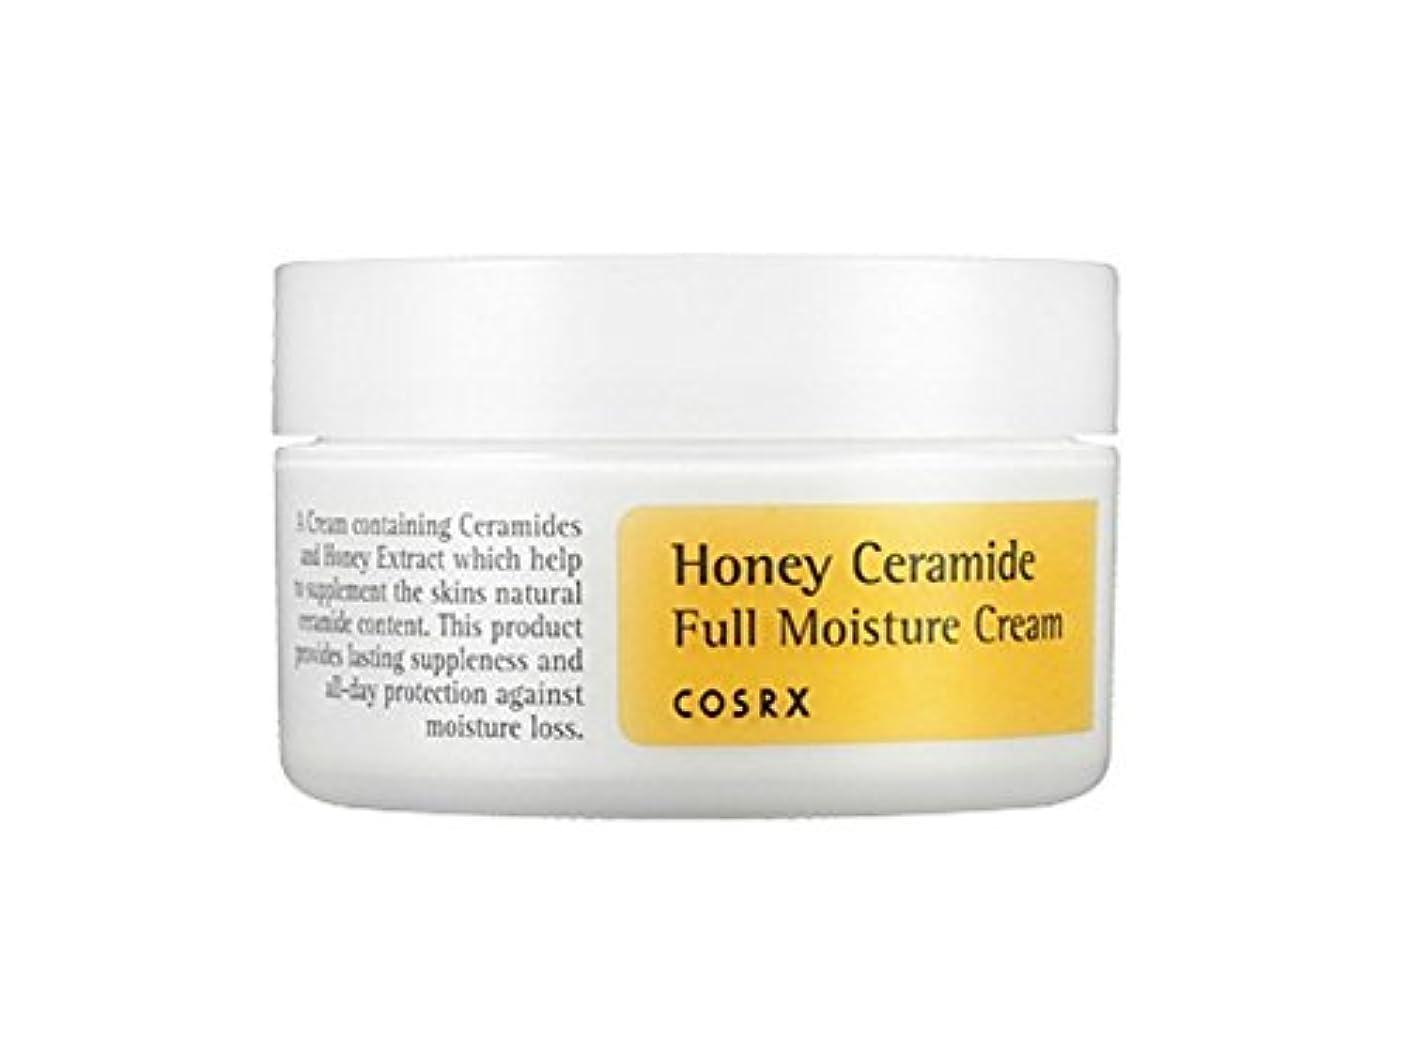 松電話をかけるスポーツをするCOSRX Honey Ceramide Full Moisture Cream 50ml/COSRX ハニー セラミド フル モイスチャー クリーム 50ml [並行輸入品]